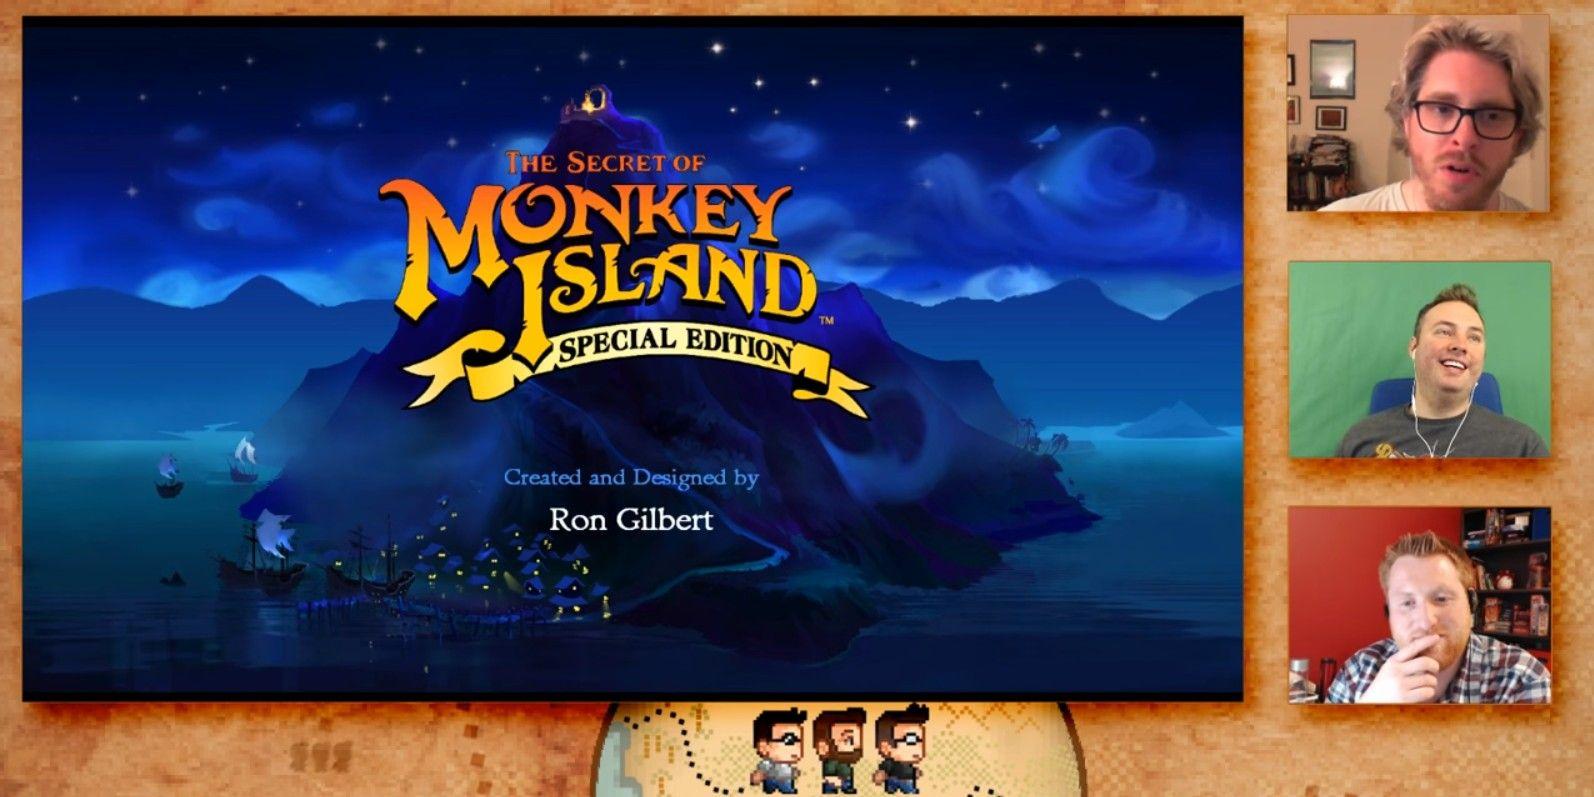 The Secret of Monkey Island: 3 maneiras de comemorar o 30º aniversário 3